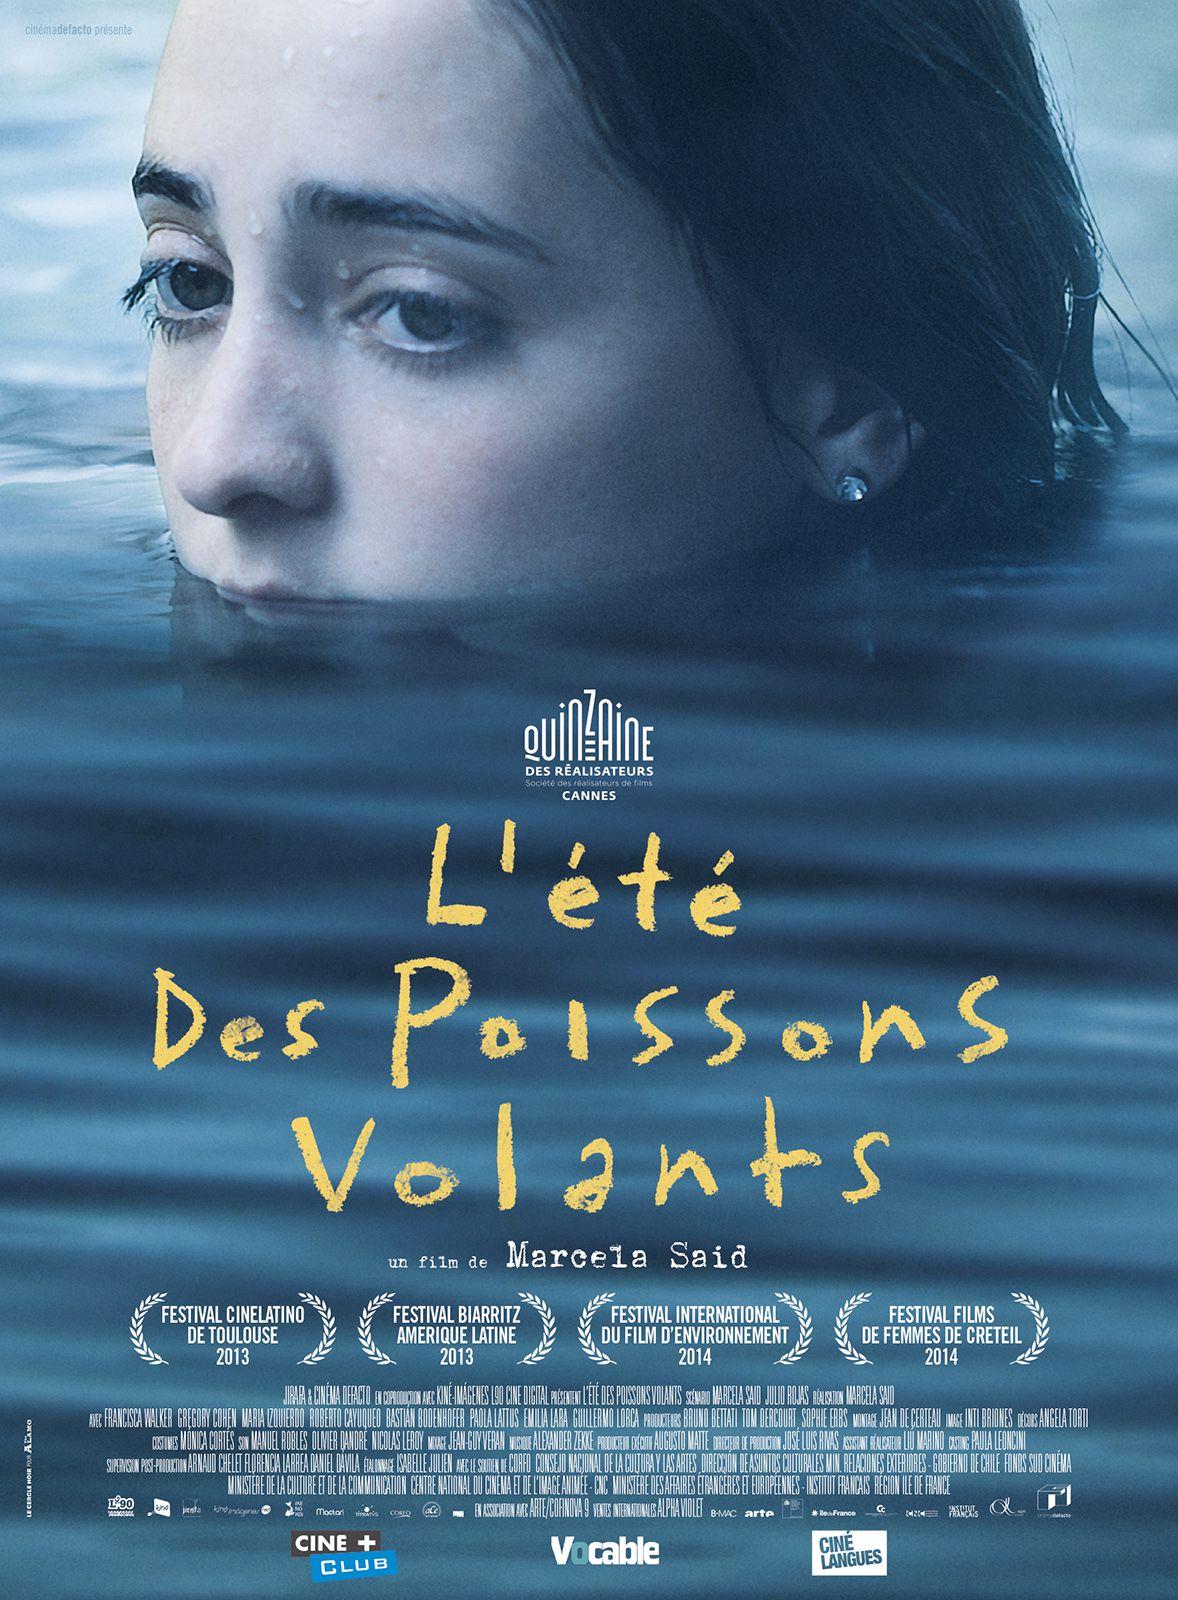 L'Été des poissons volants - Film (2014)